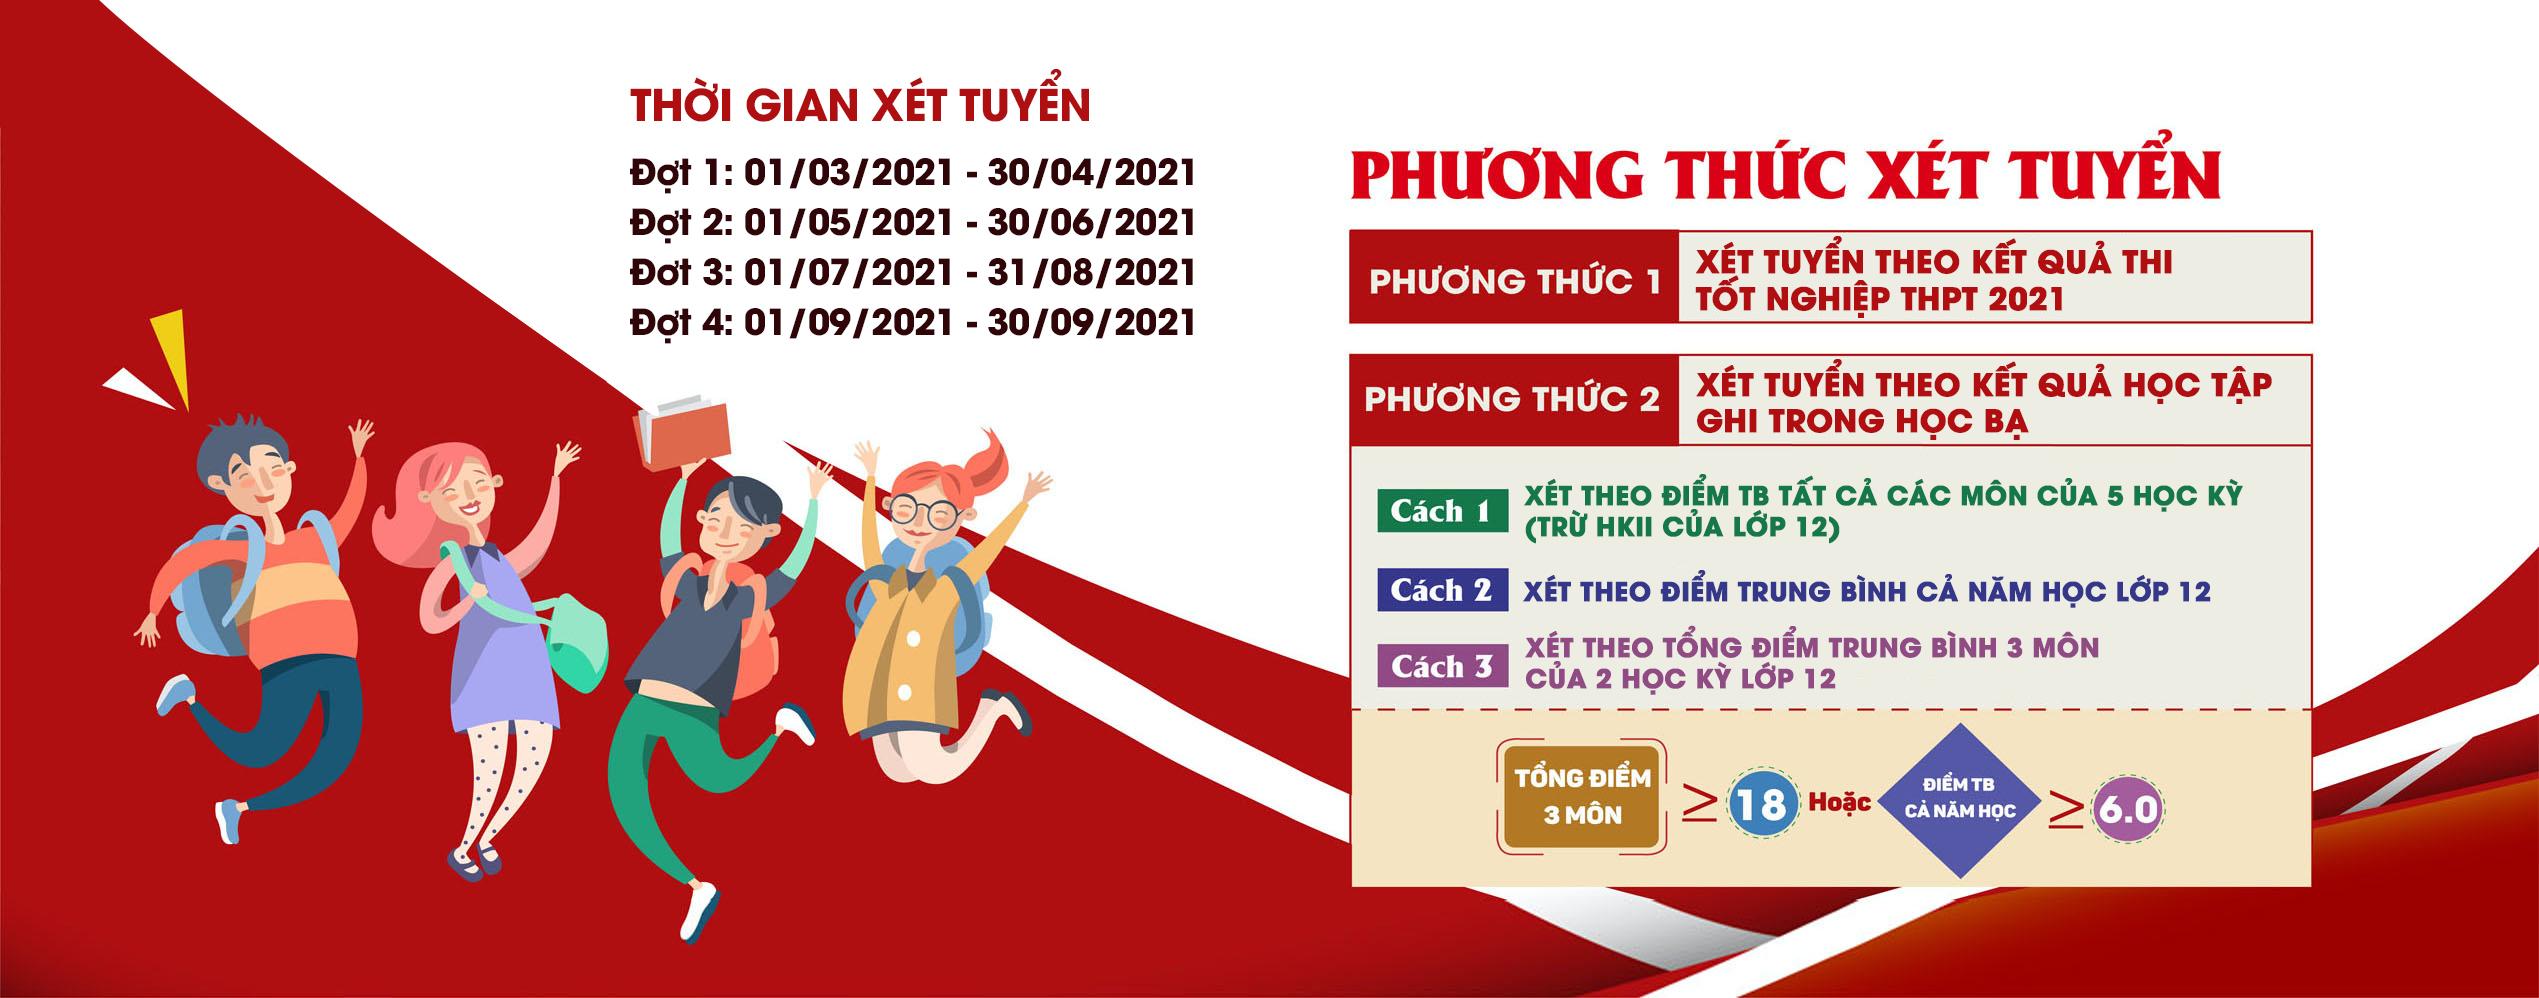 Media/31_TH1044/Images/202101/phuong-thuc-xet-tuyen-20210126091444-e-20210127082958-e.jpg